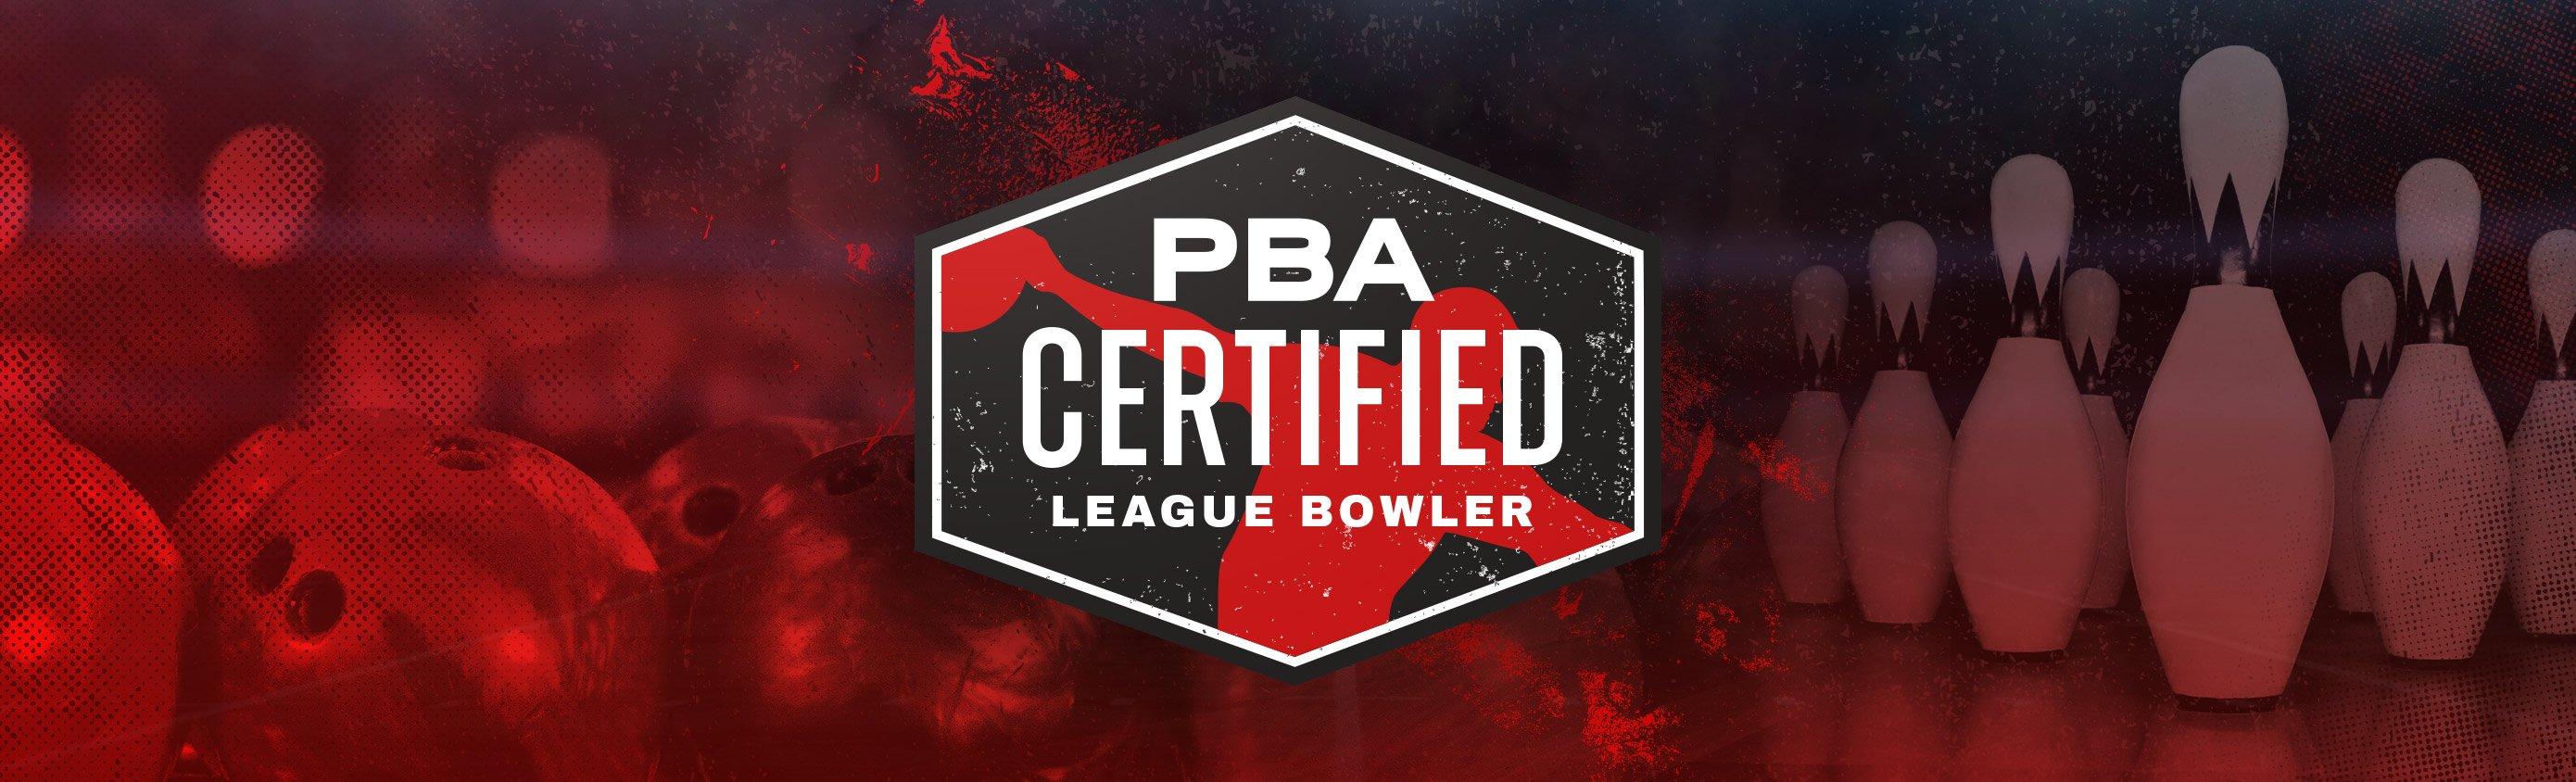 PBA Certified League